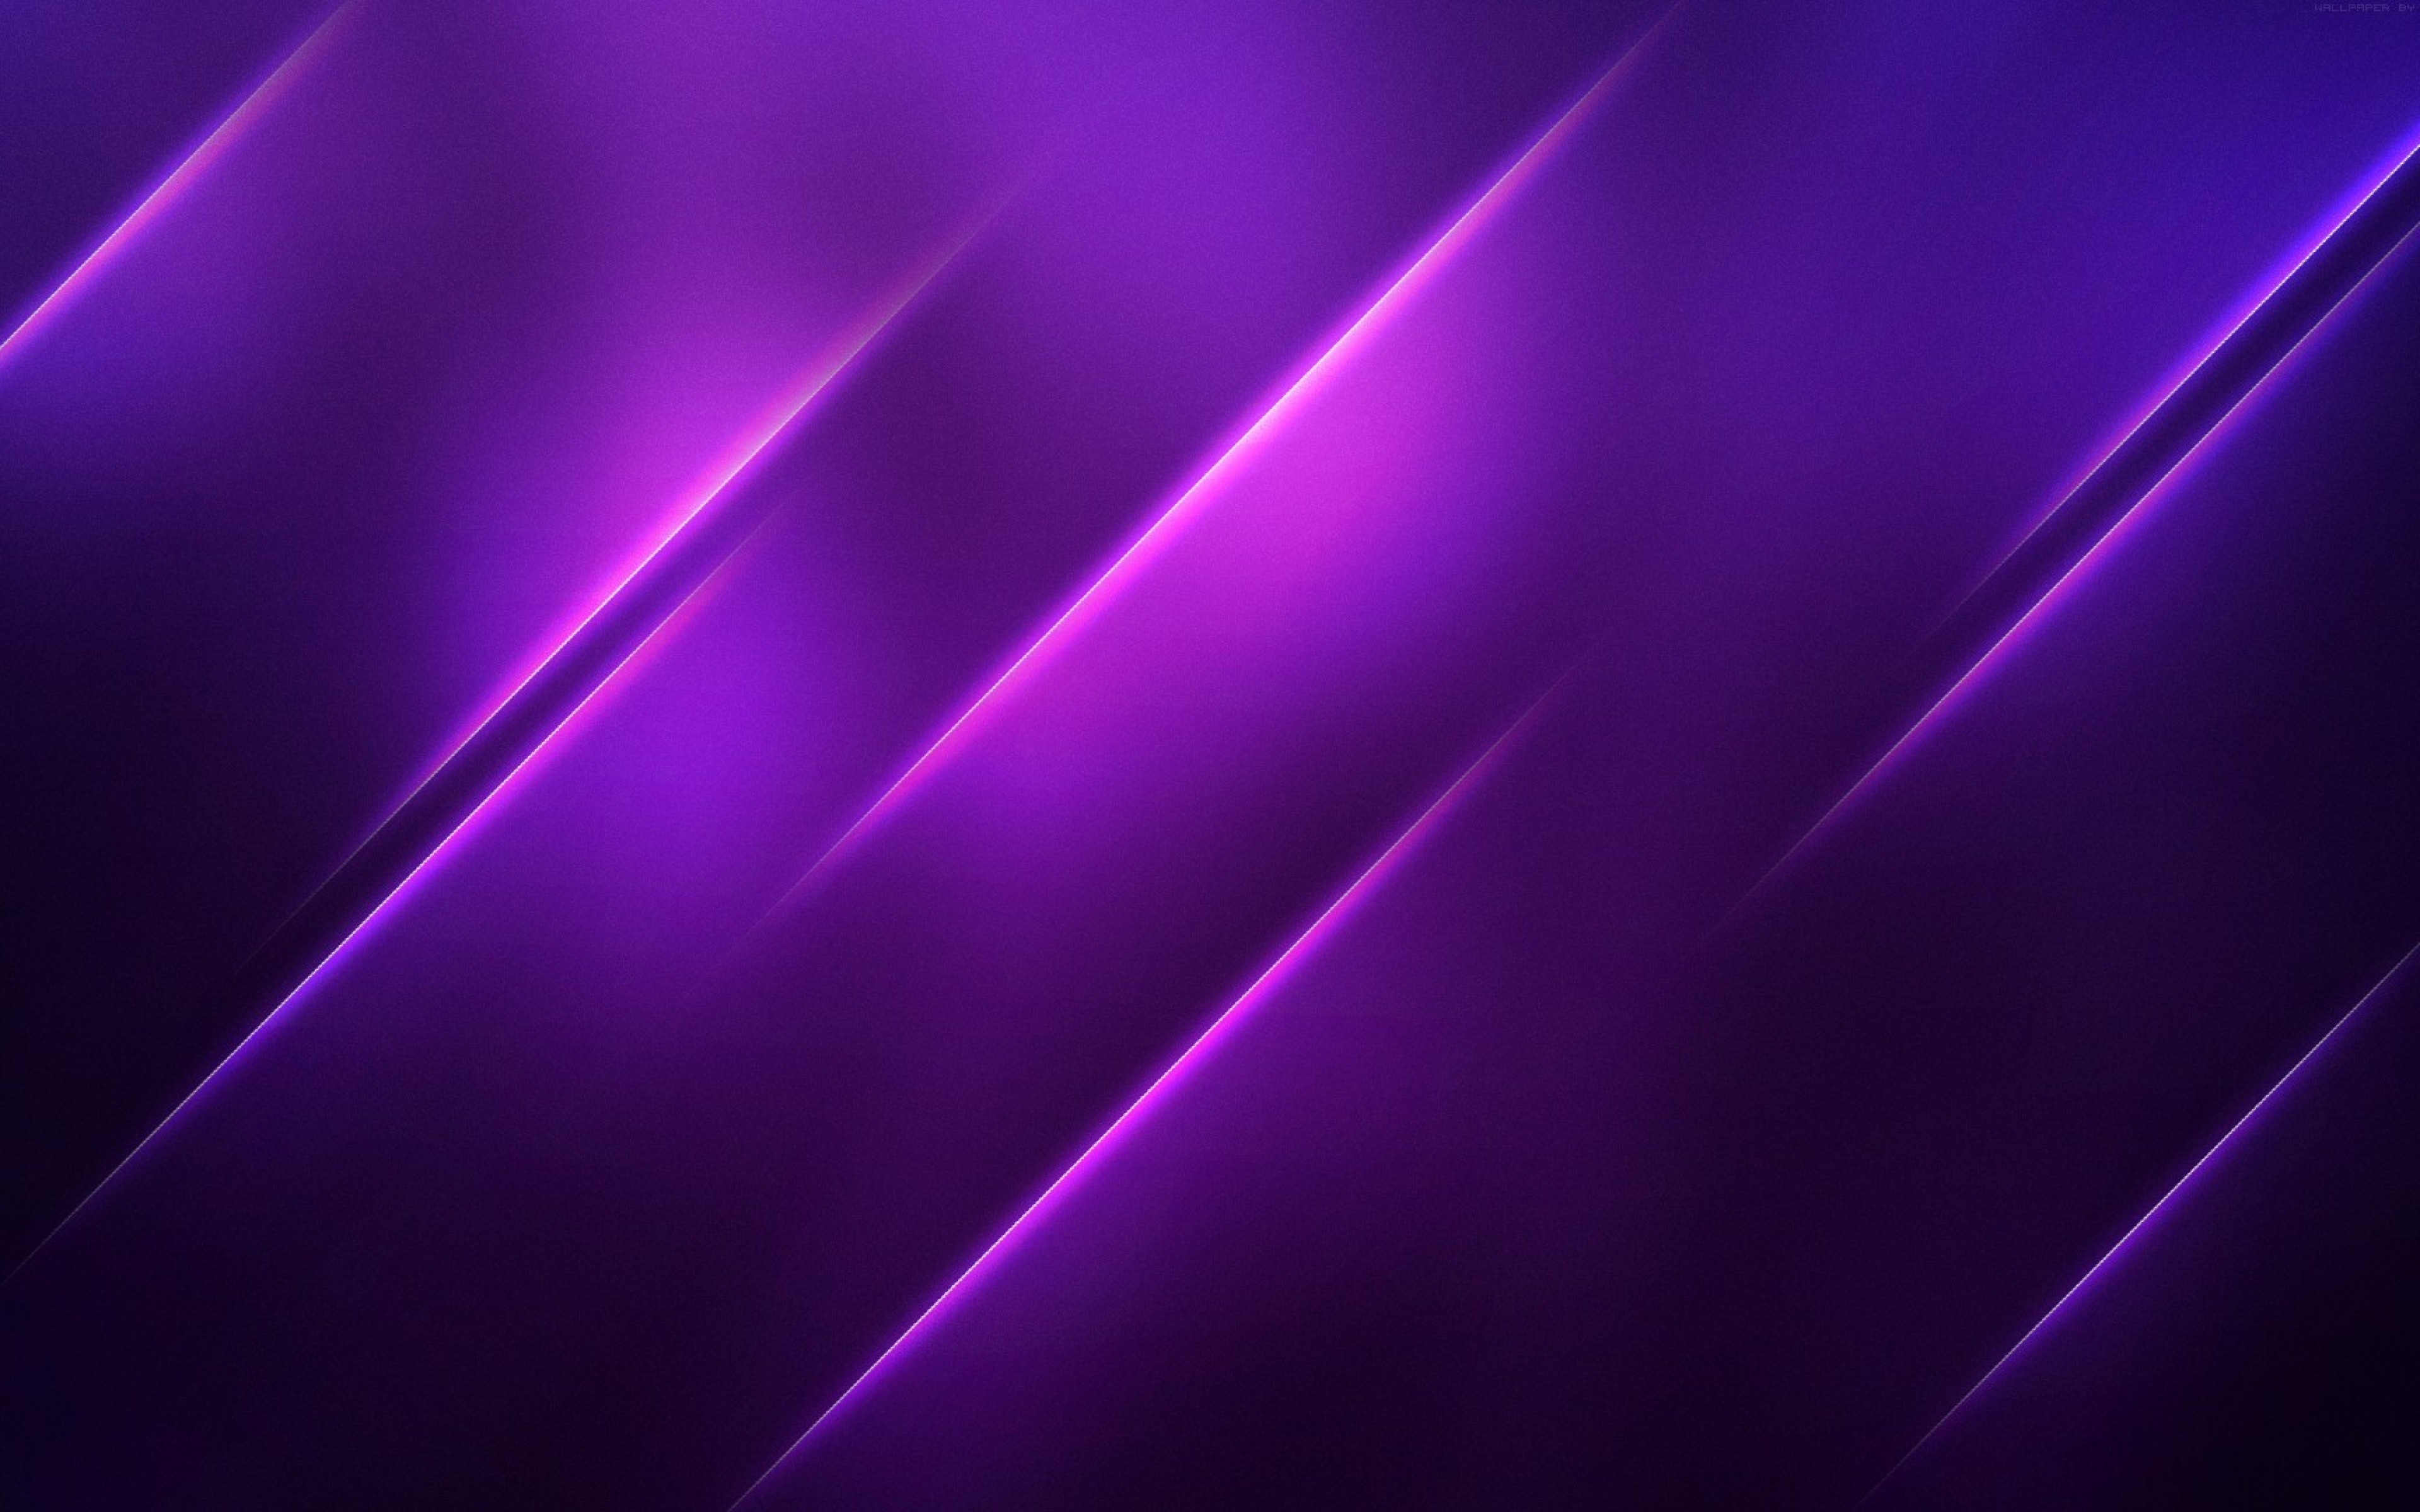 Abstract Lines Hd Desktop